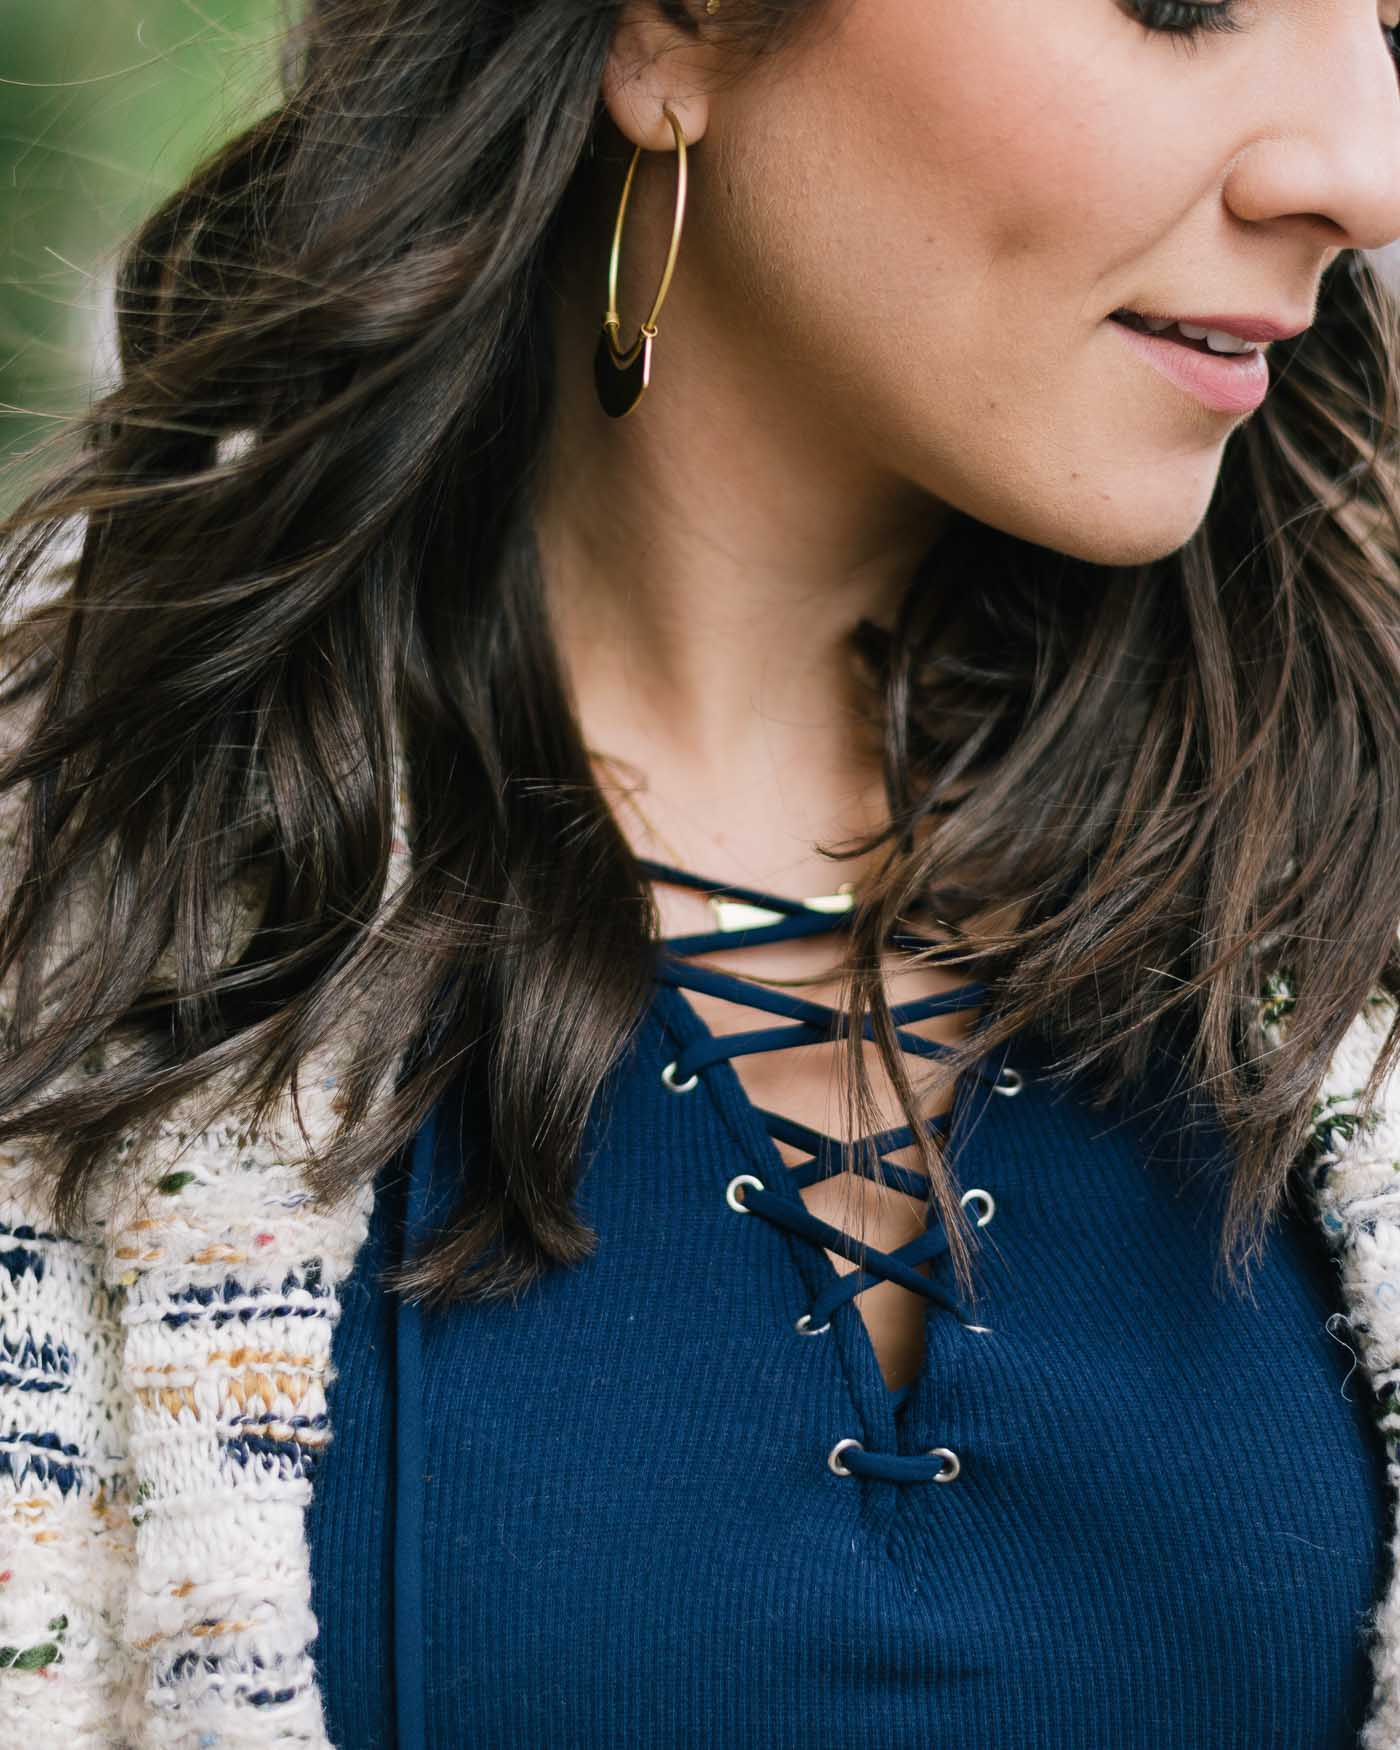 lace up top, womens fashion, fall fashion - My Style Vita @mystylevita